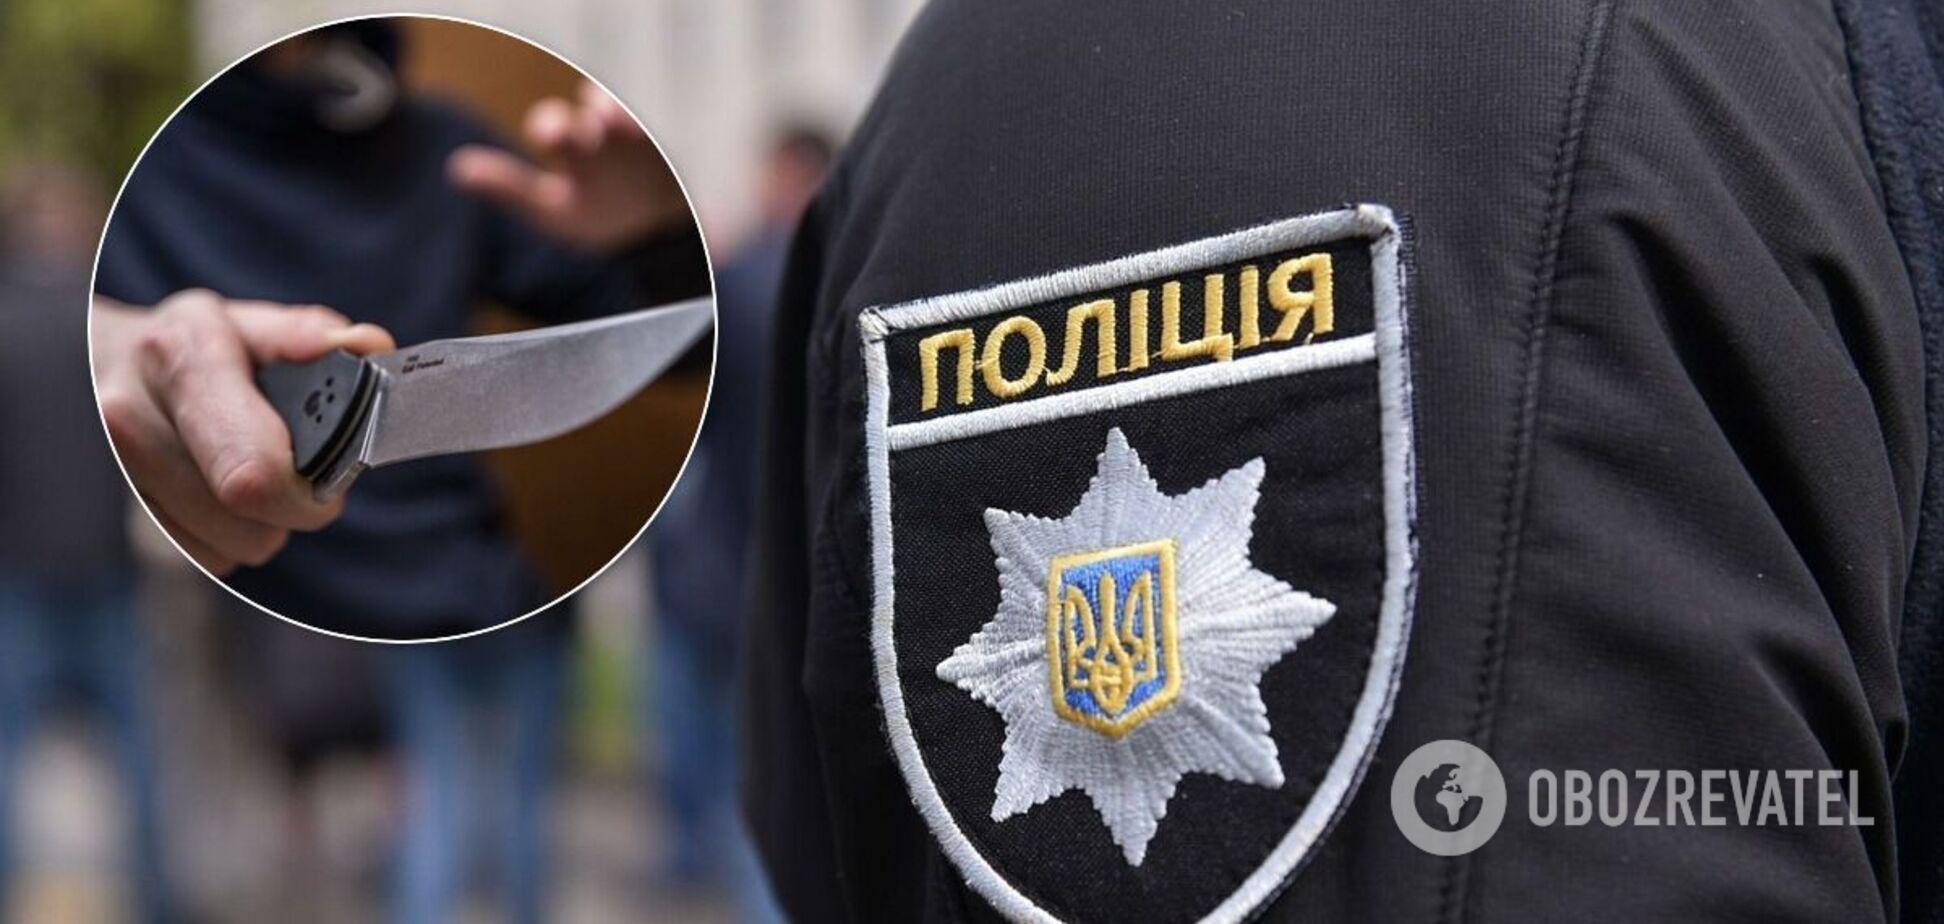 Під Дніпром 18-річний хлопець вдарив поліцейського ножем